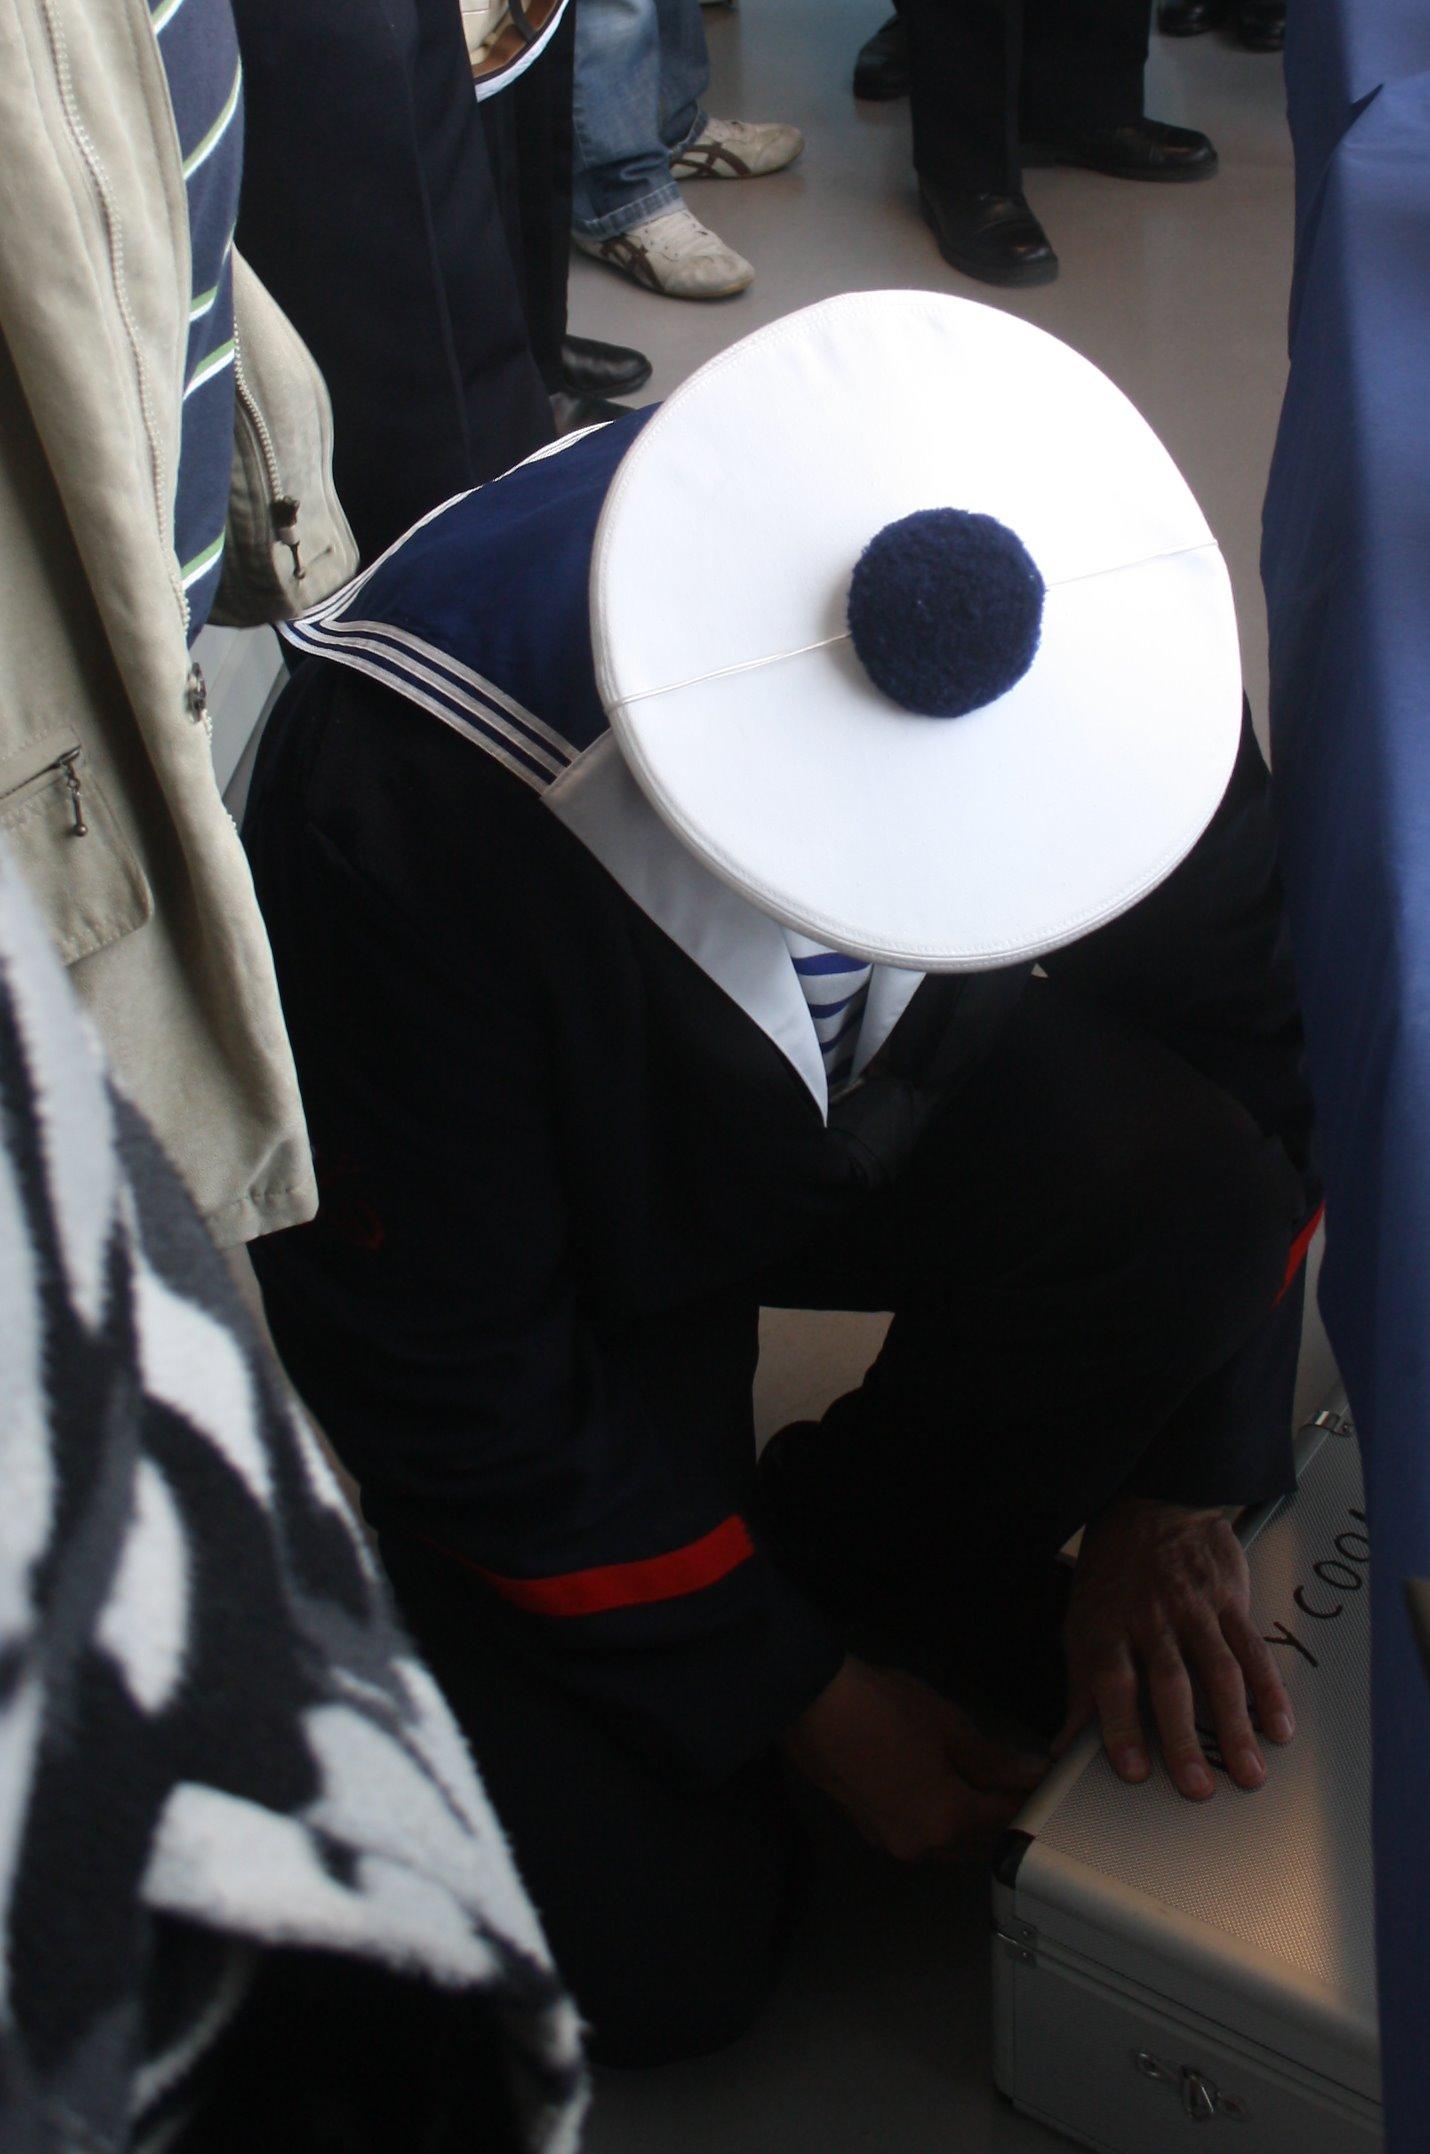 Fastes des Cadets de Marine à Bruxelles le 18/06/2011 - Page 13 1106200241171095838353330